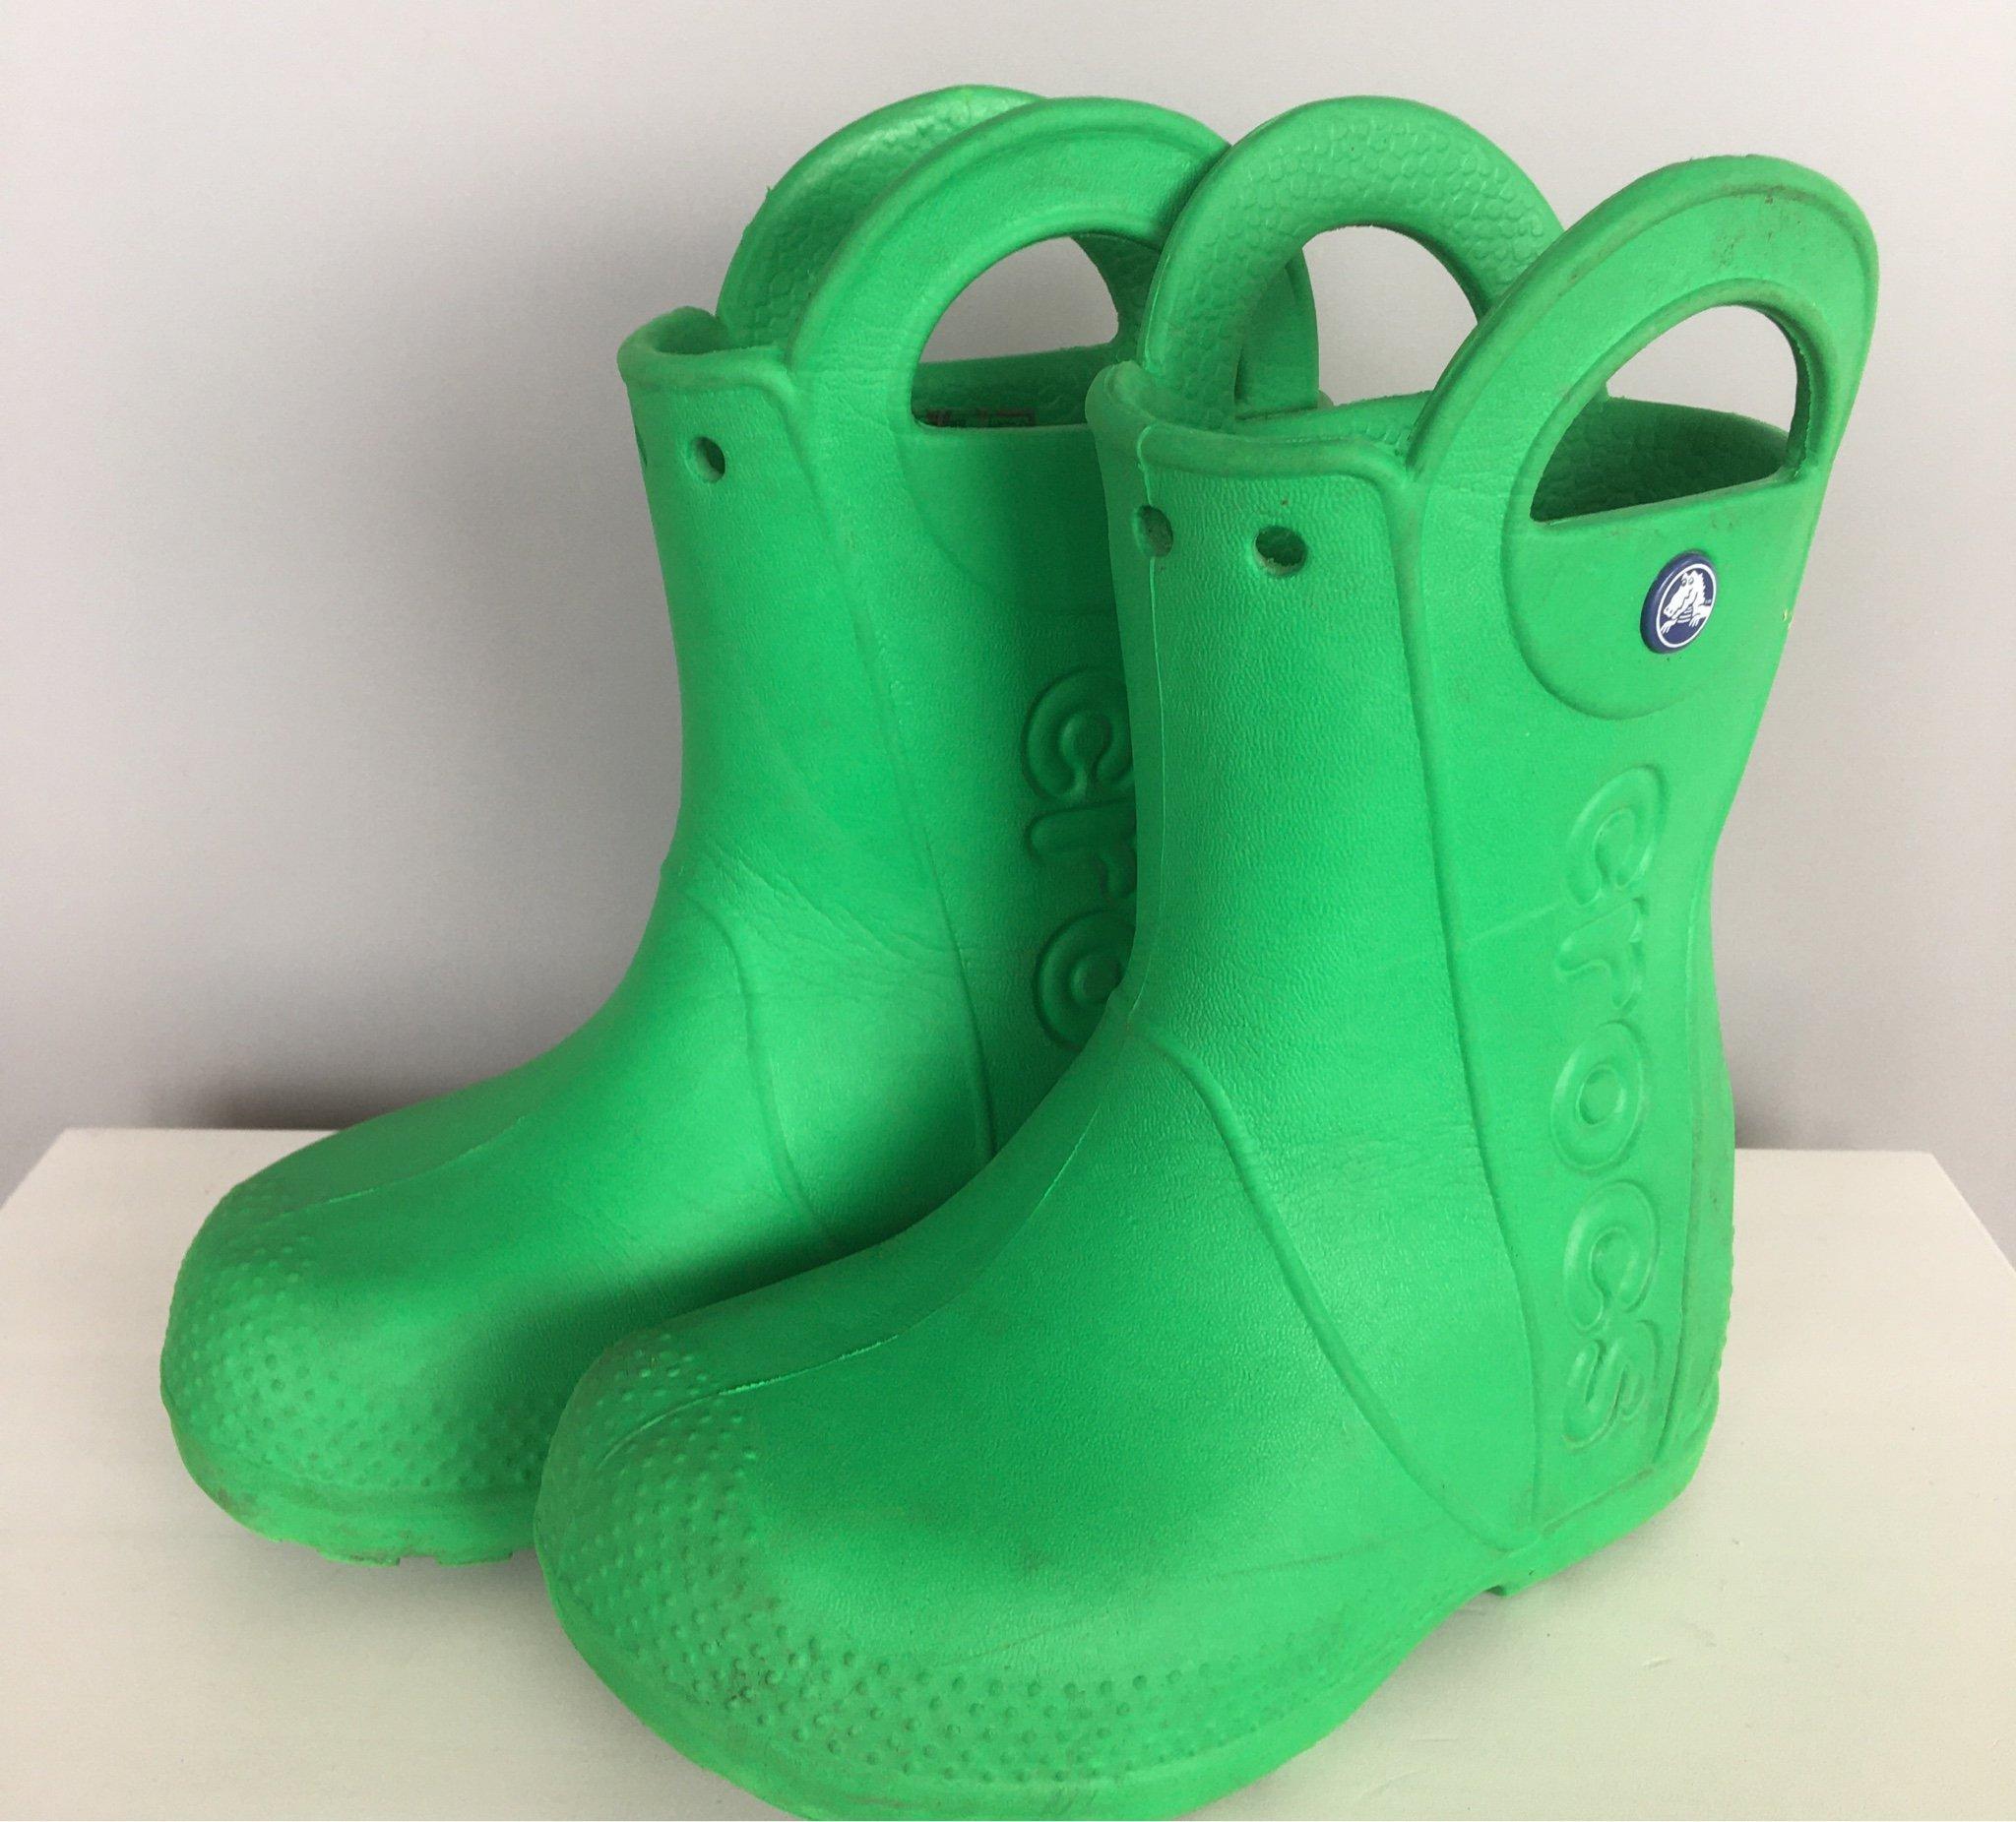 Tuffa gröna lätta crocs stövlar, gummistövlar, .. (398721601